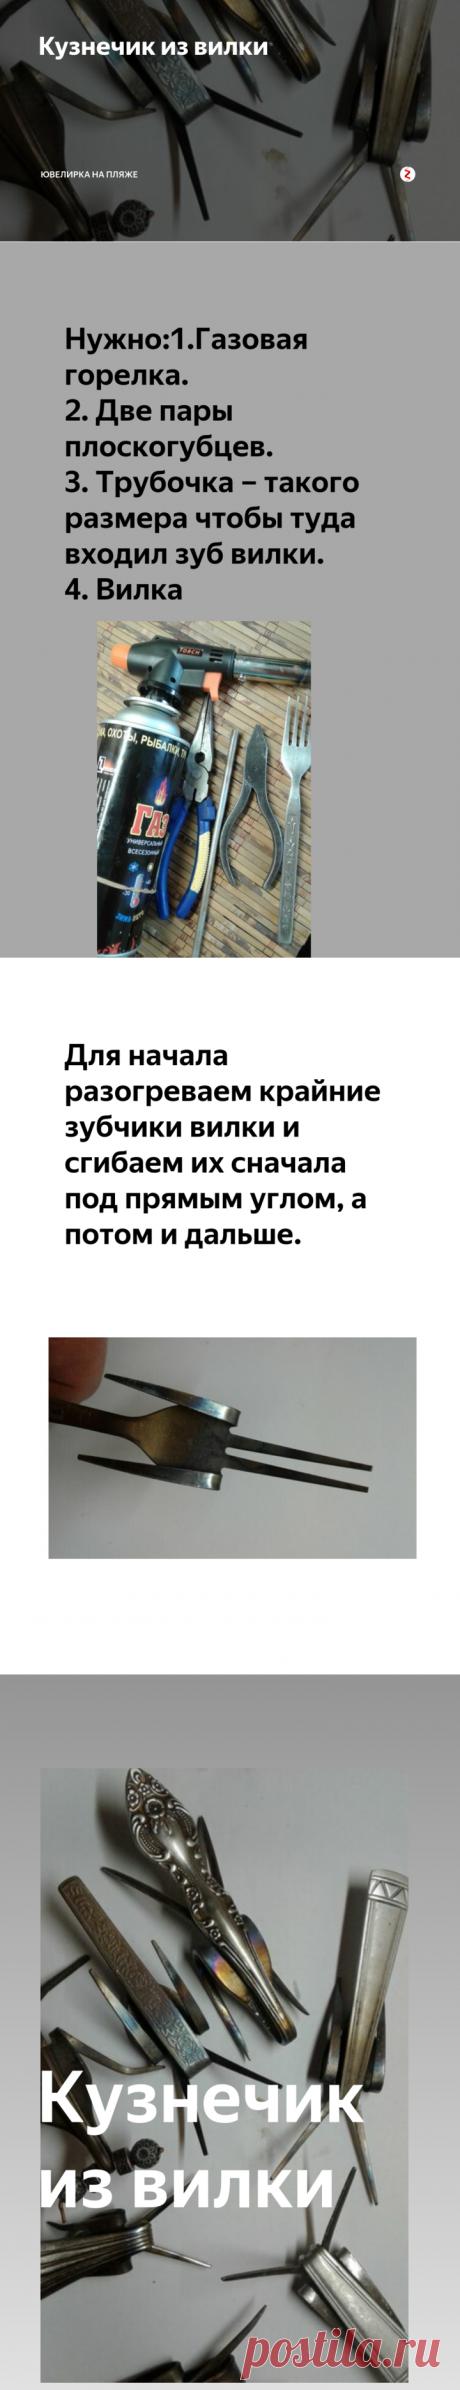 Кузнечик из вилки | Ювелирка на пляже | Яндекс Дзен